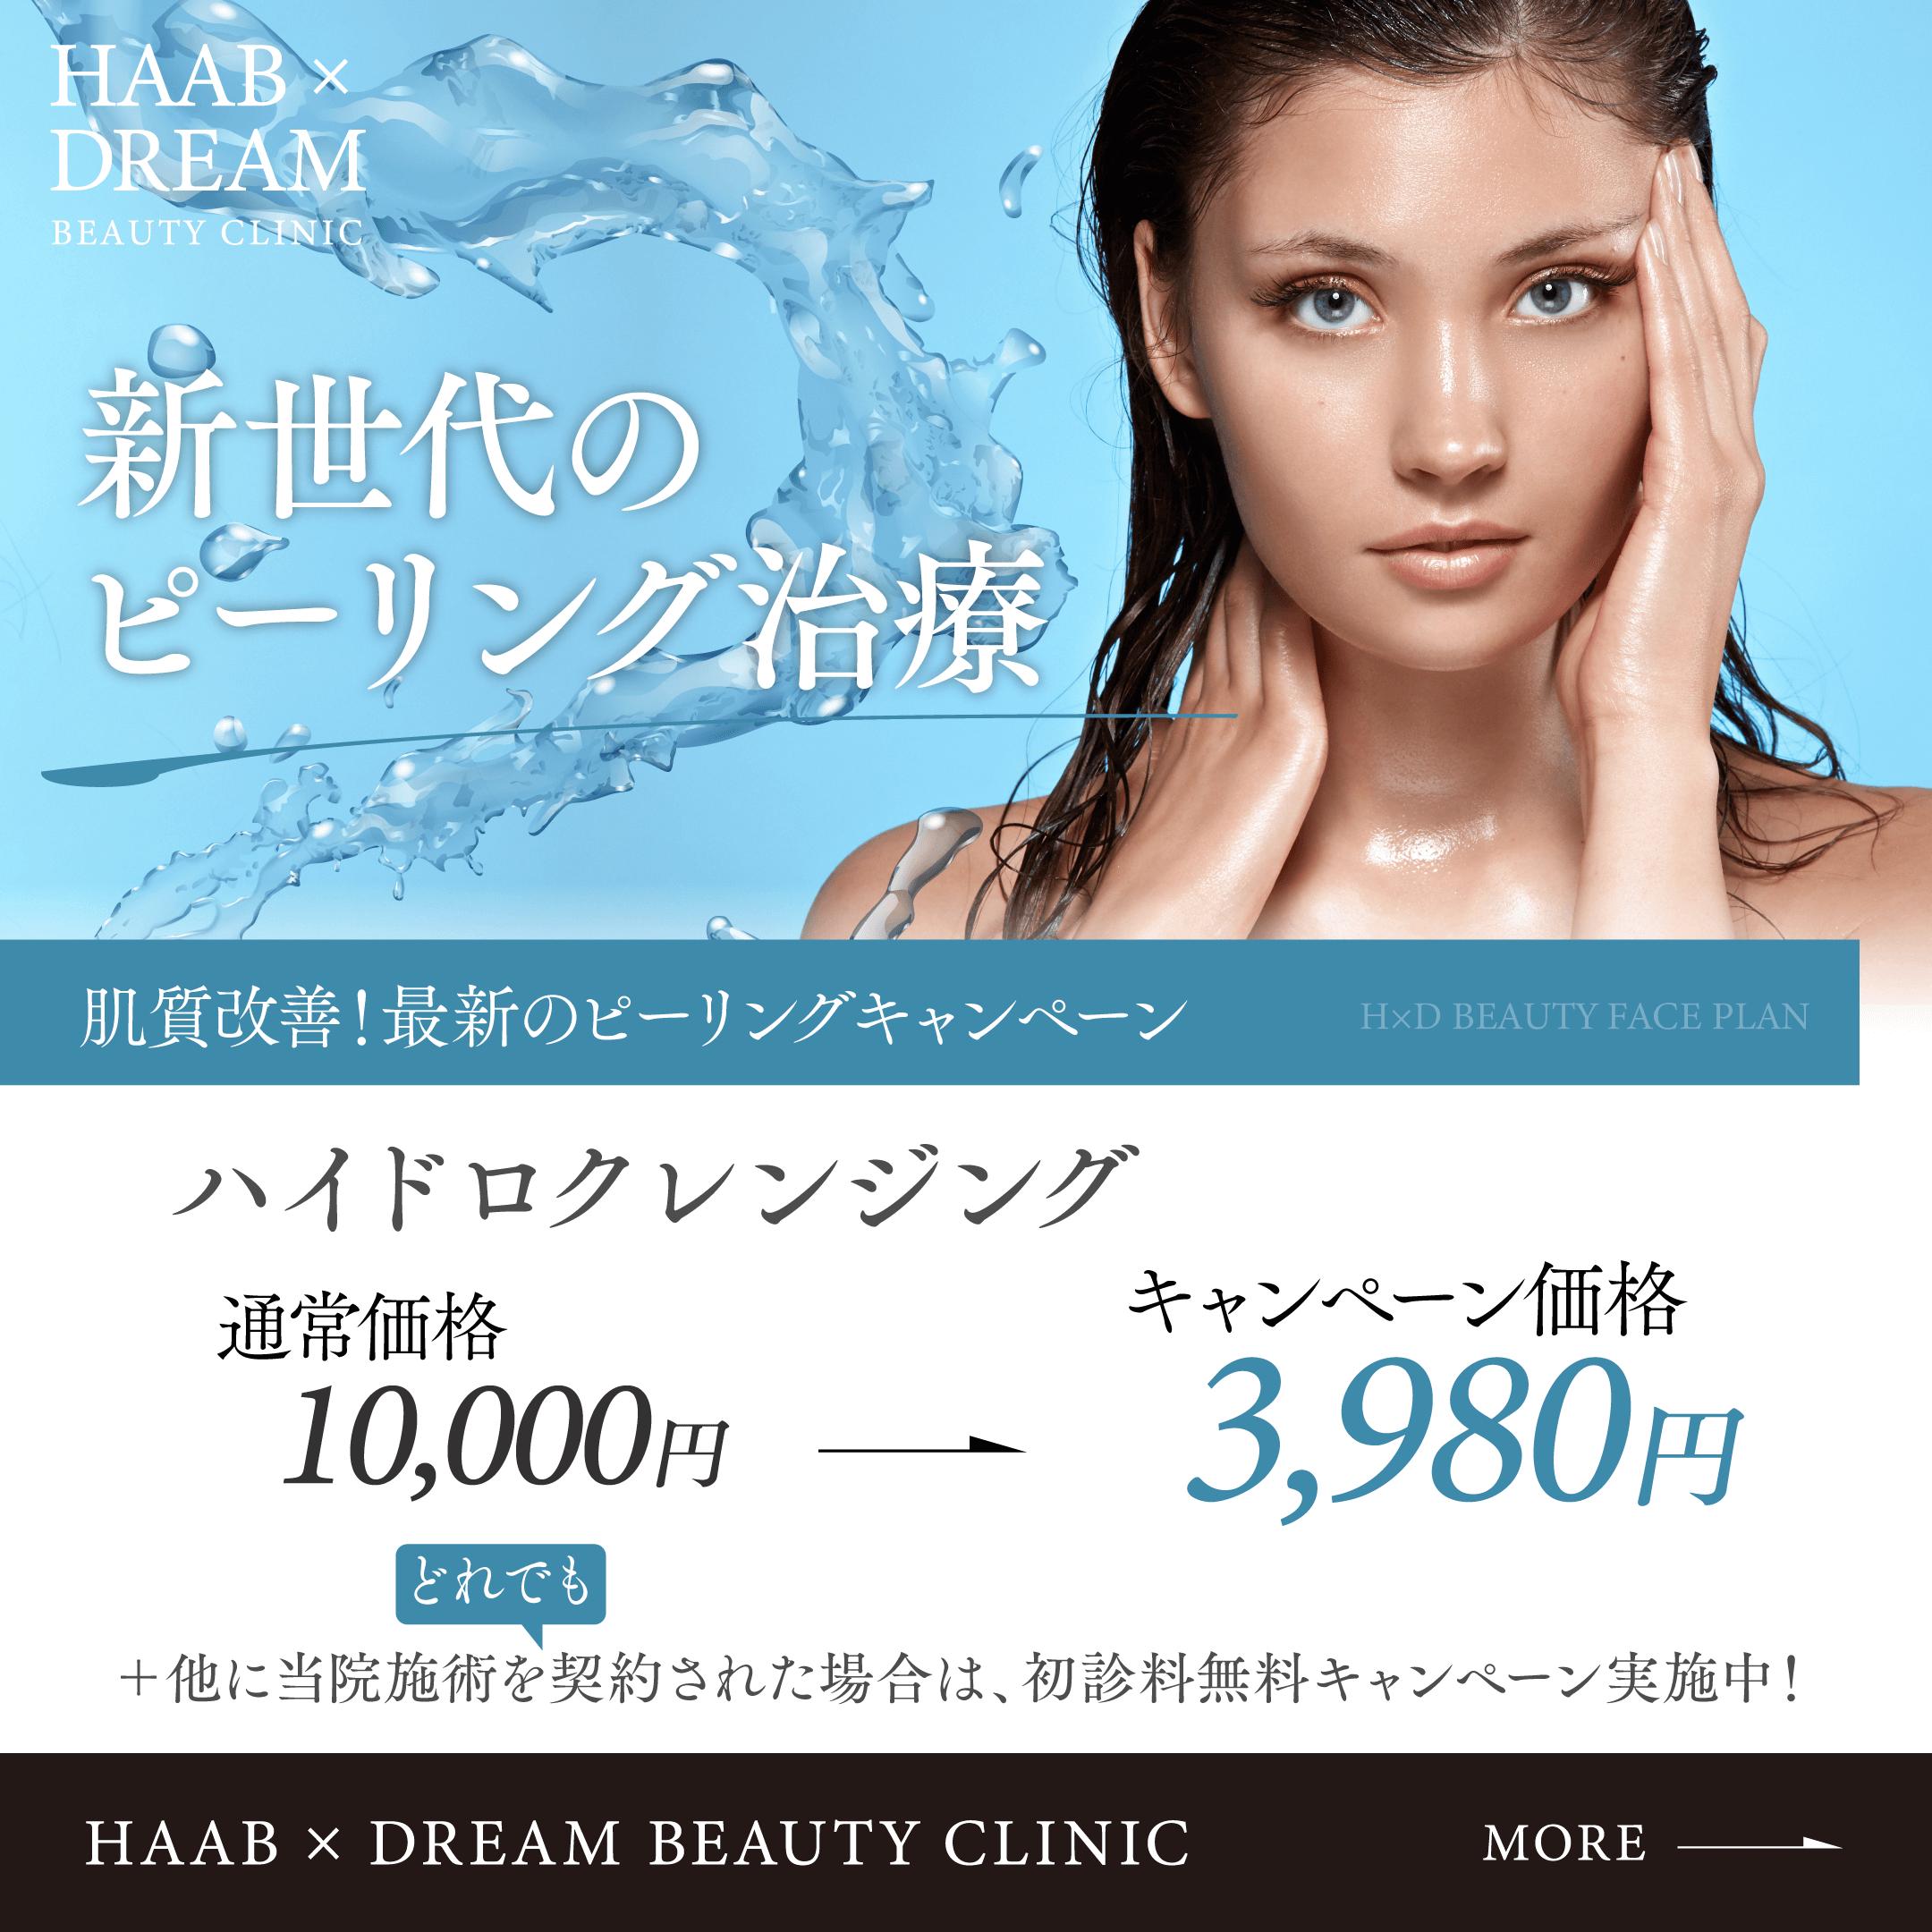 皮膚科治療のハイドロクレンジングの特別プラン告知画像